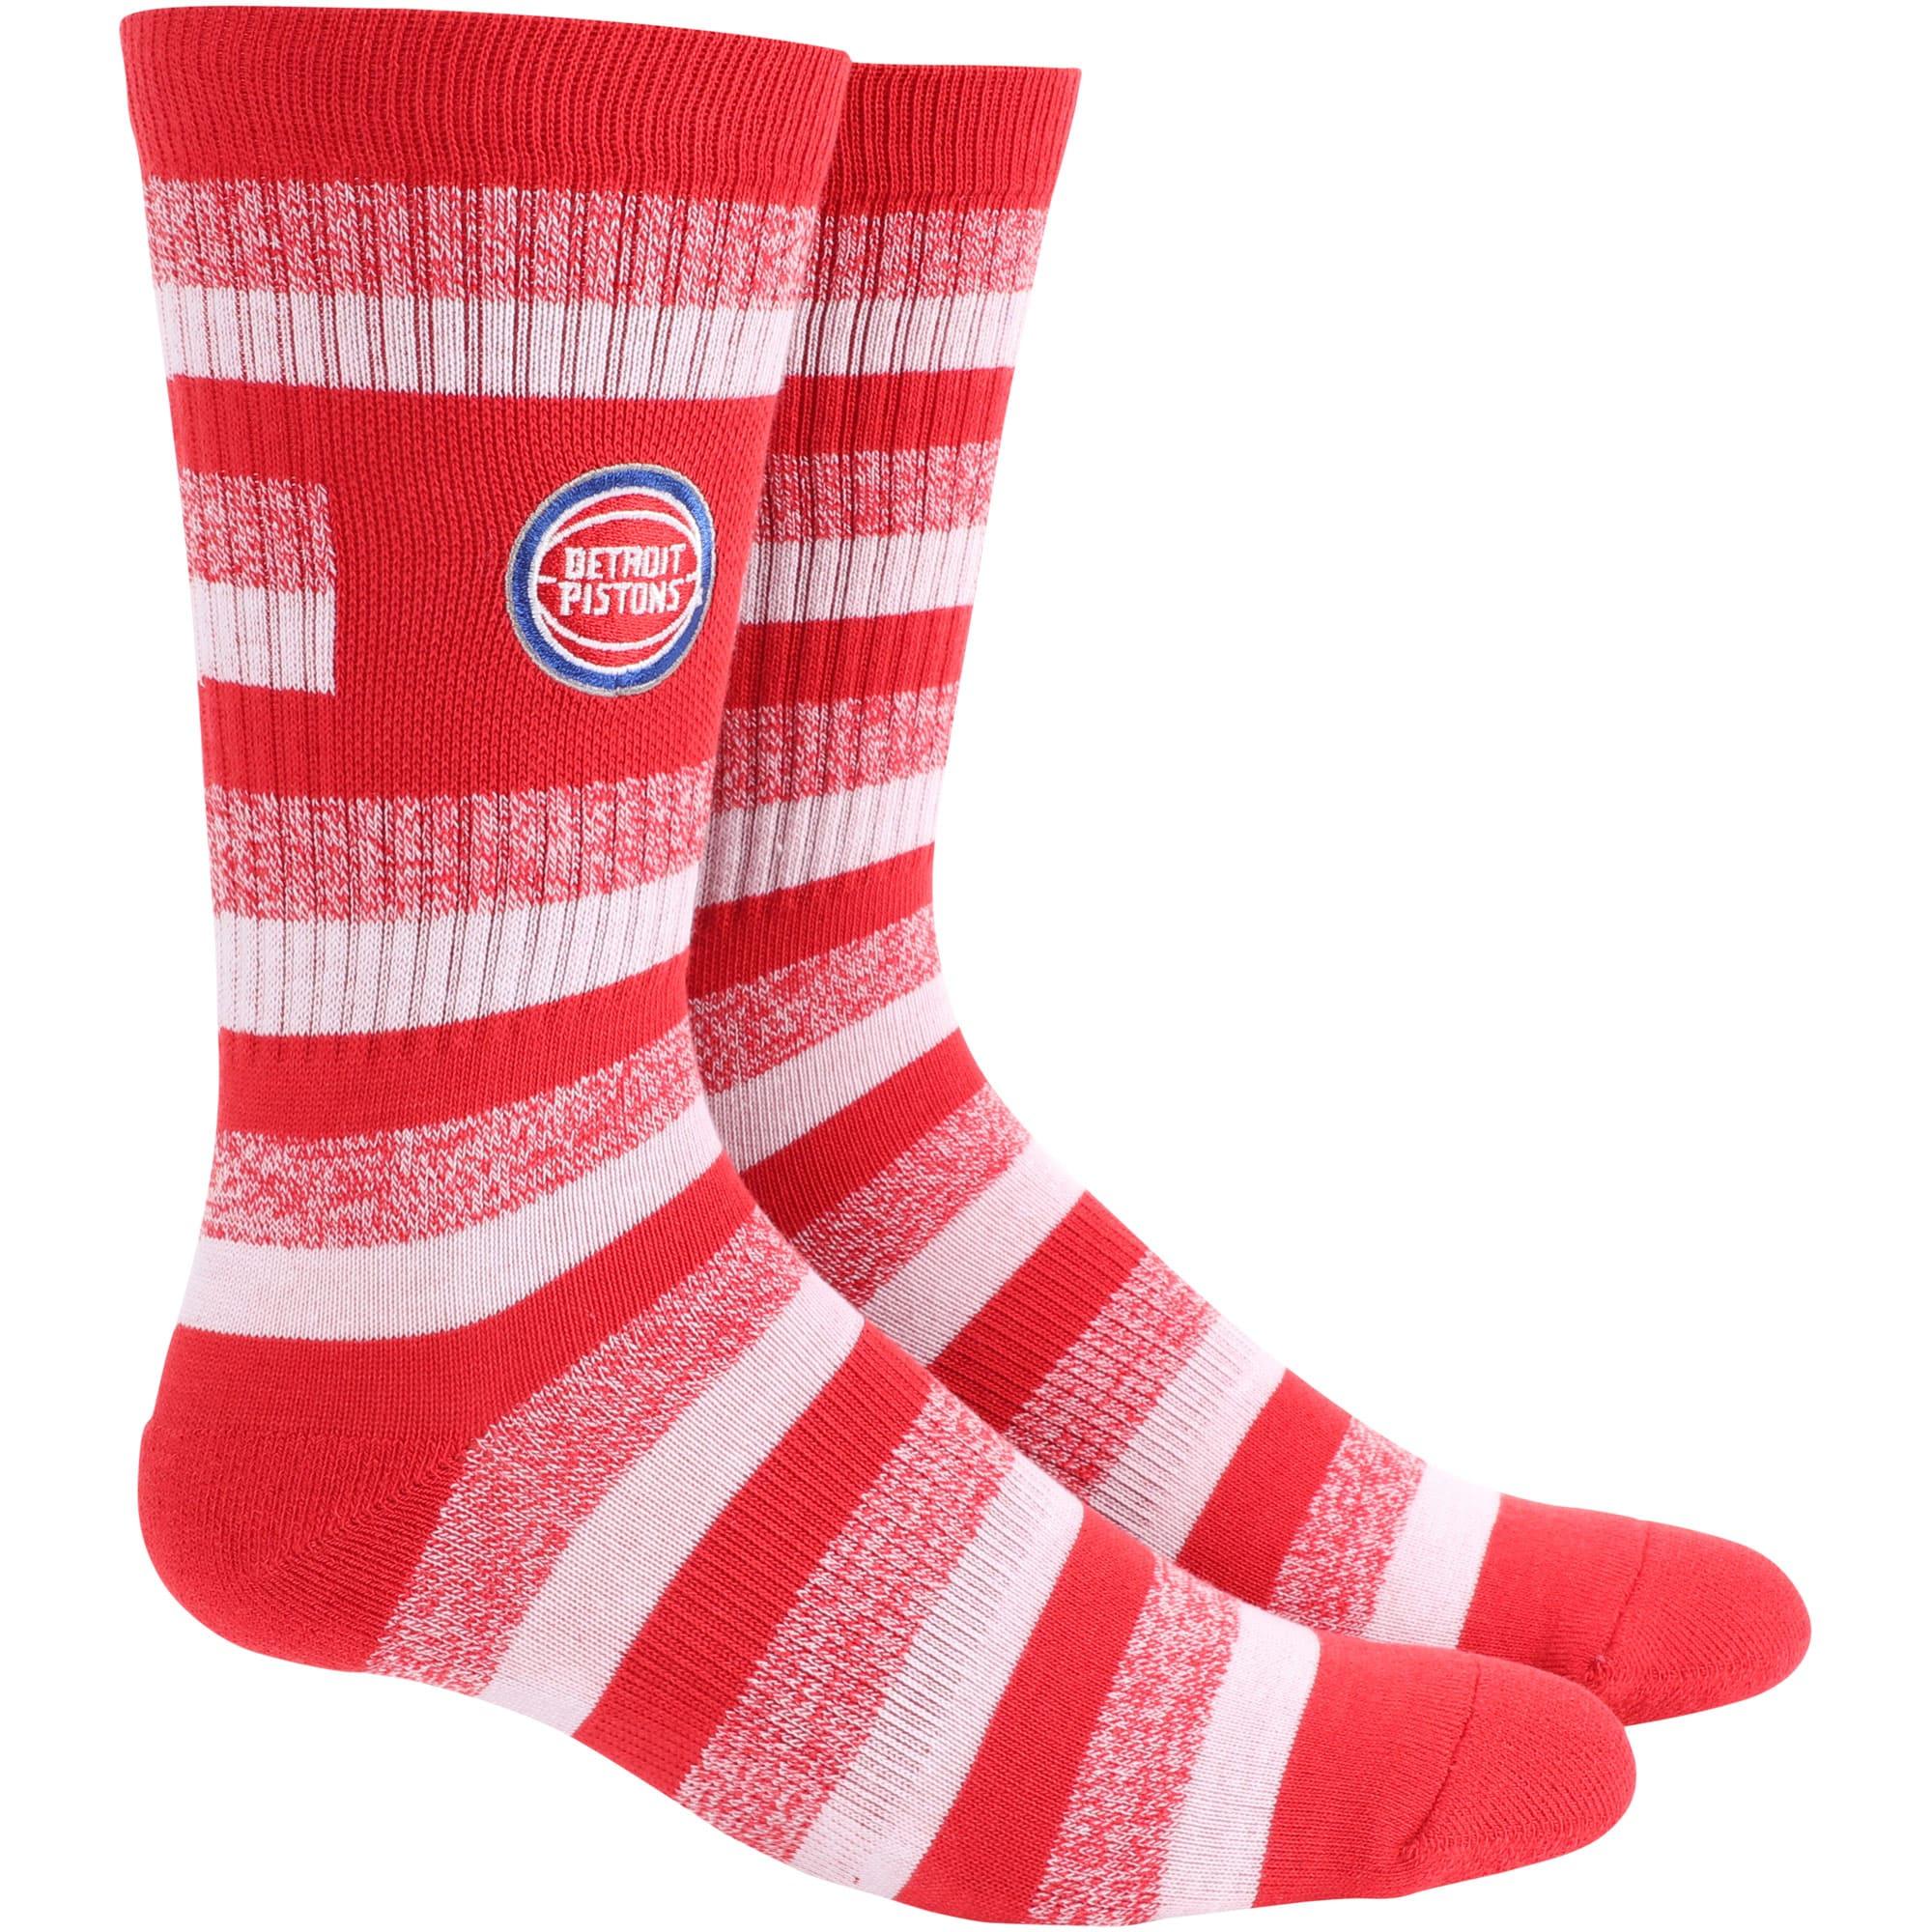 Detroit Pistons Step Crew Socks